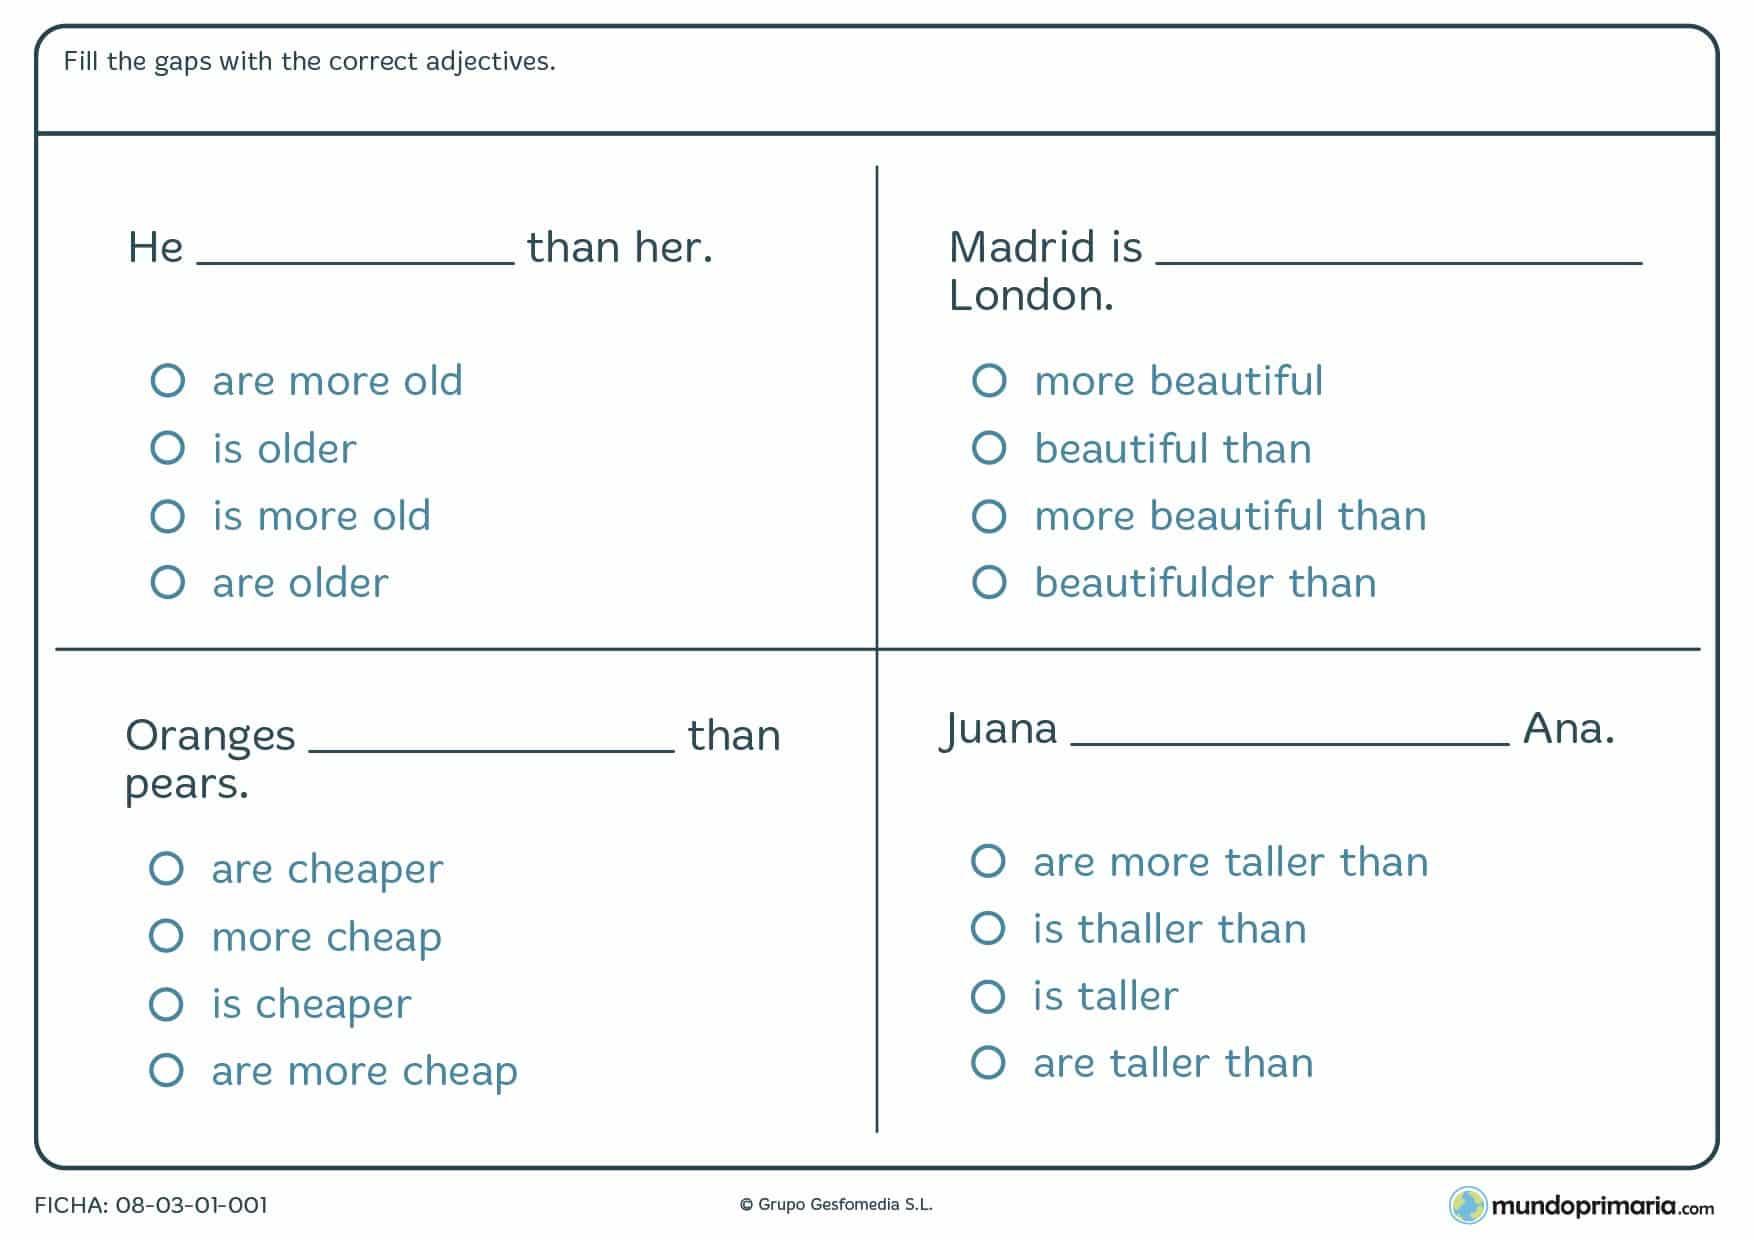 Ficha De Rellenar Con Los Adjetivos Correctos En Ingles